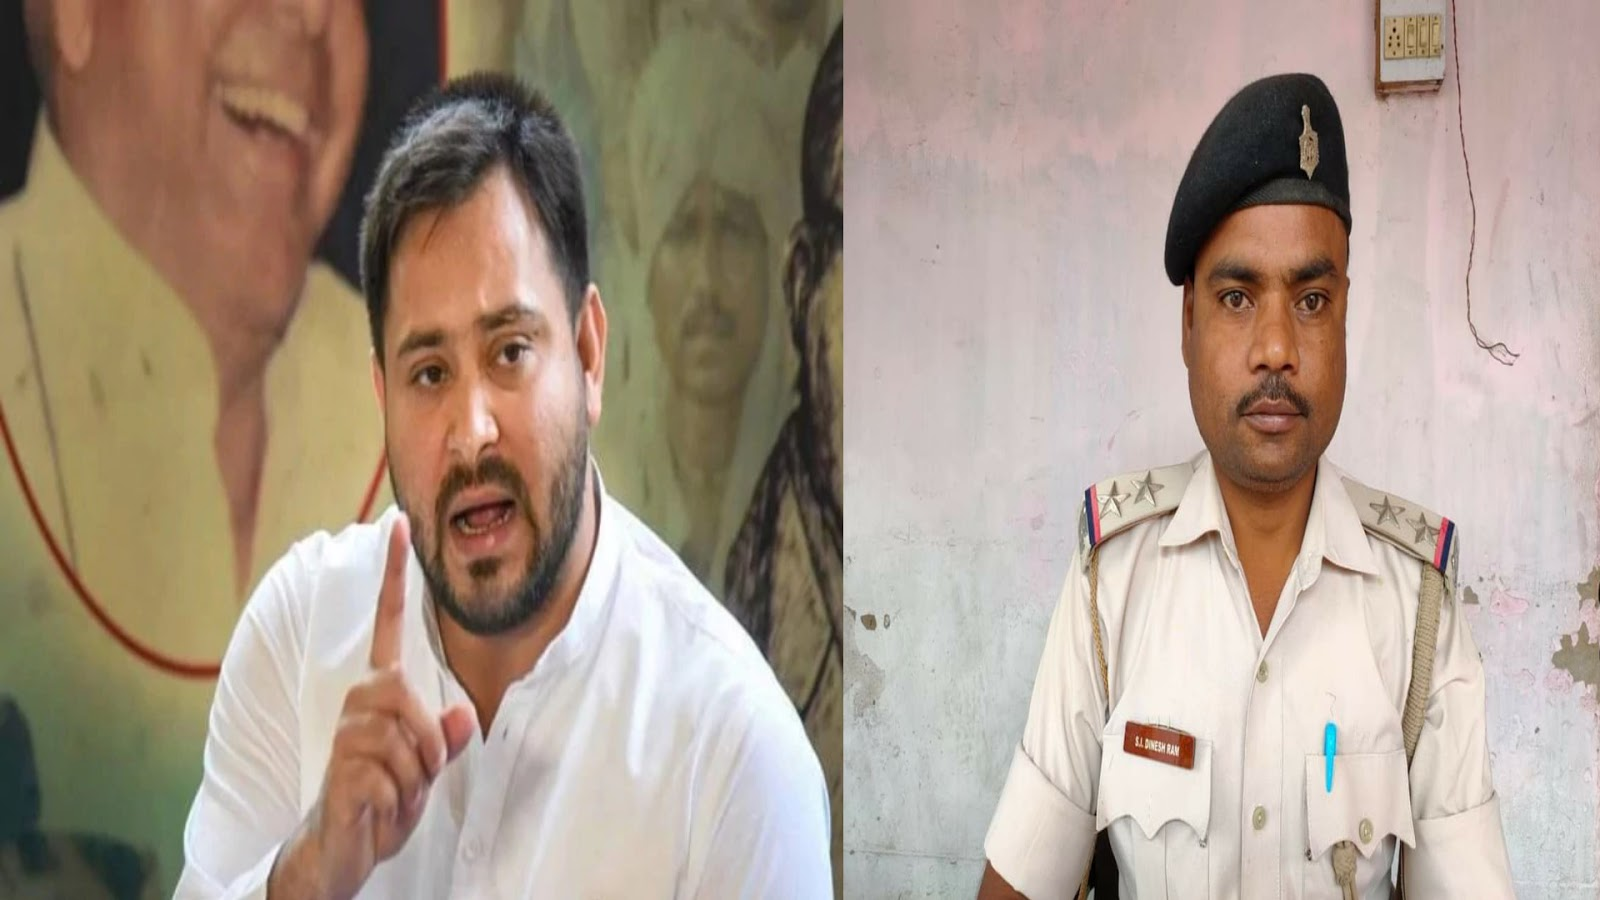 दारोगा की हत्या पर तेजस्वी बोले- पुलिस का एनकाउंटर कर रहे CM नीतीश तक पहुंच रखने वाले शराब माफिया